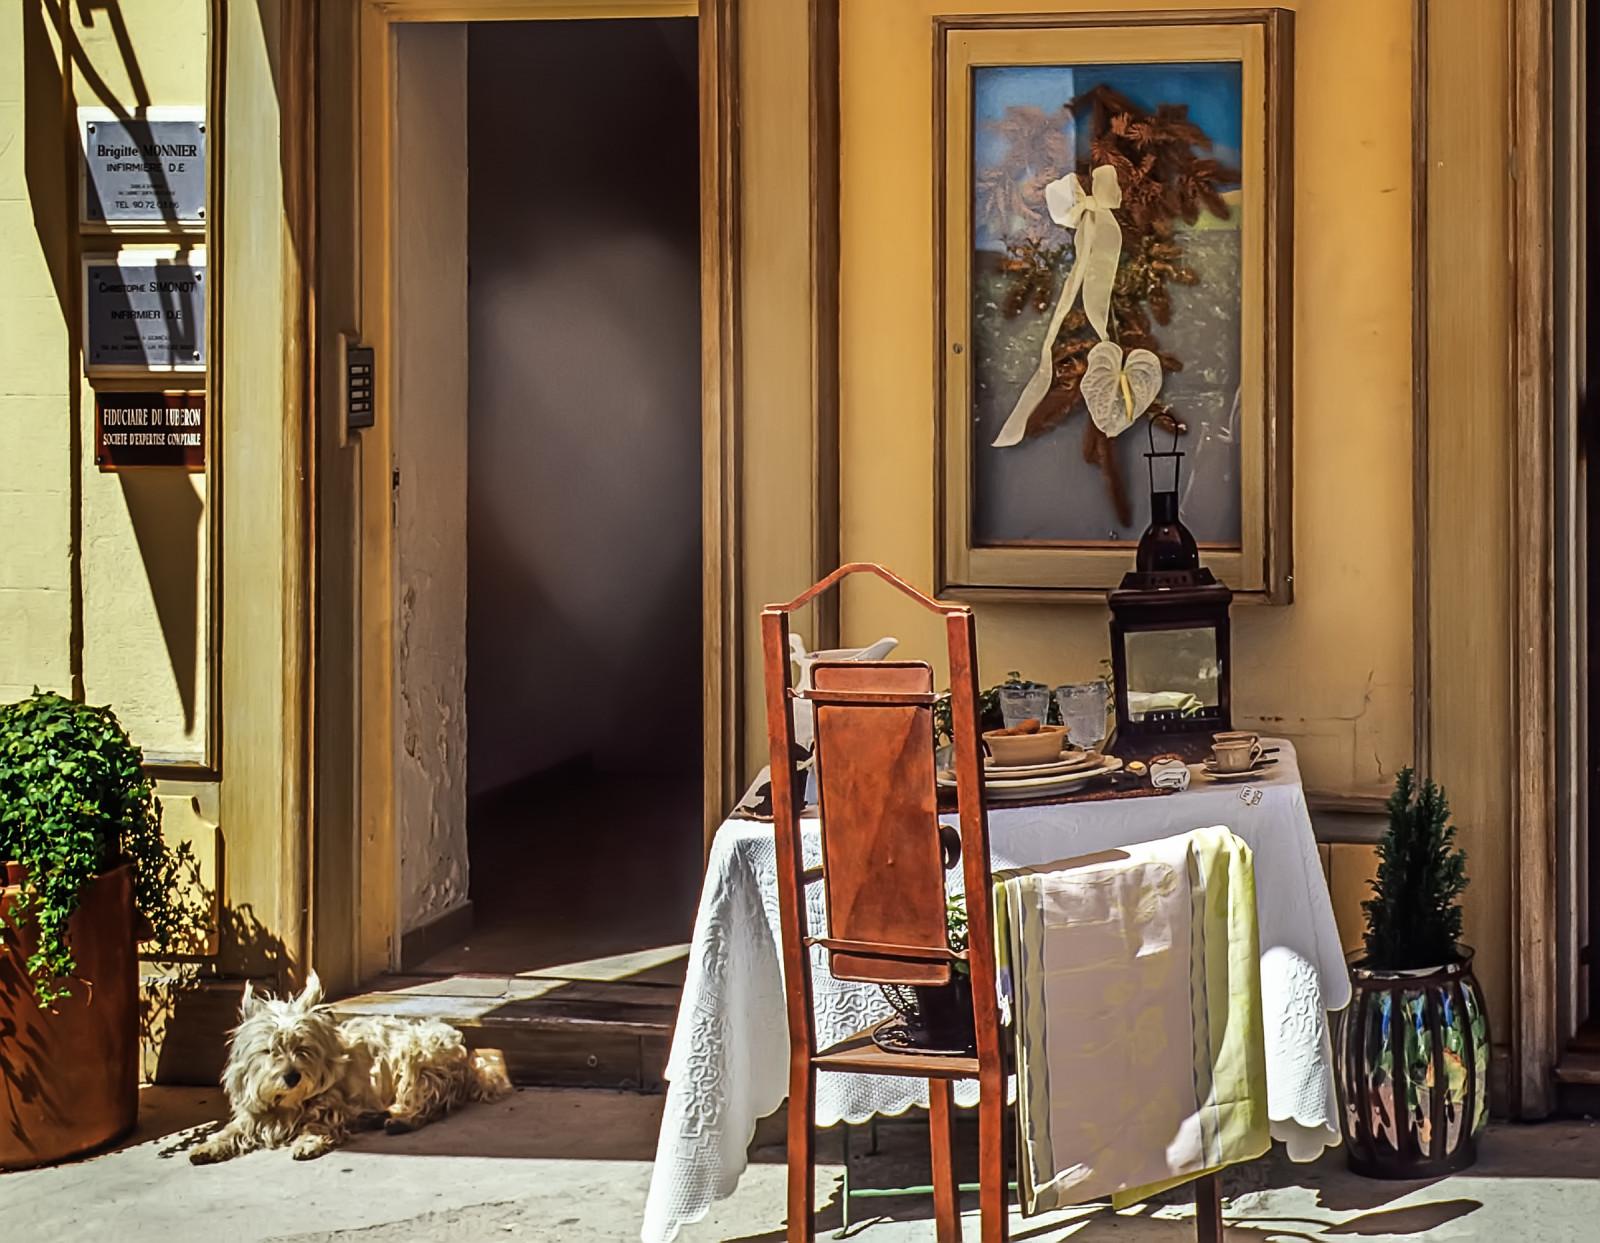 Hintergrundbilder : Malerei, Weiß, Schwarz, Fenster, Zimmer, Tabelle, Haus,  Grün, Sessel, Hund, Tür, Frankreich, Gold, Innenarchitektur, Provence,  Licht, ...